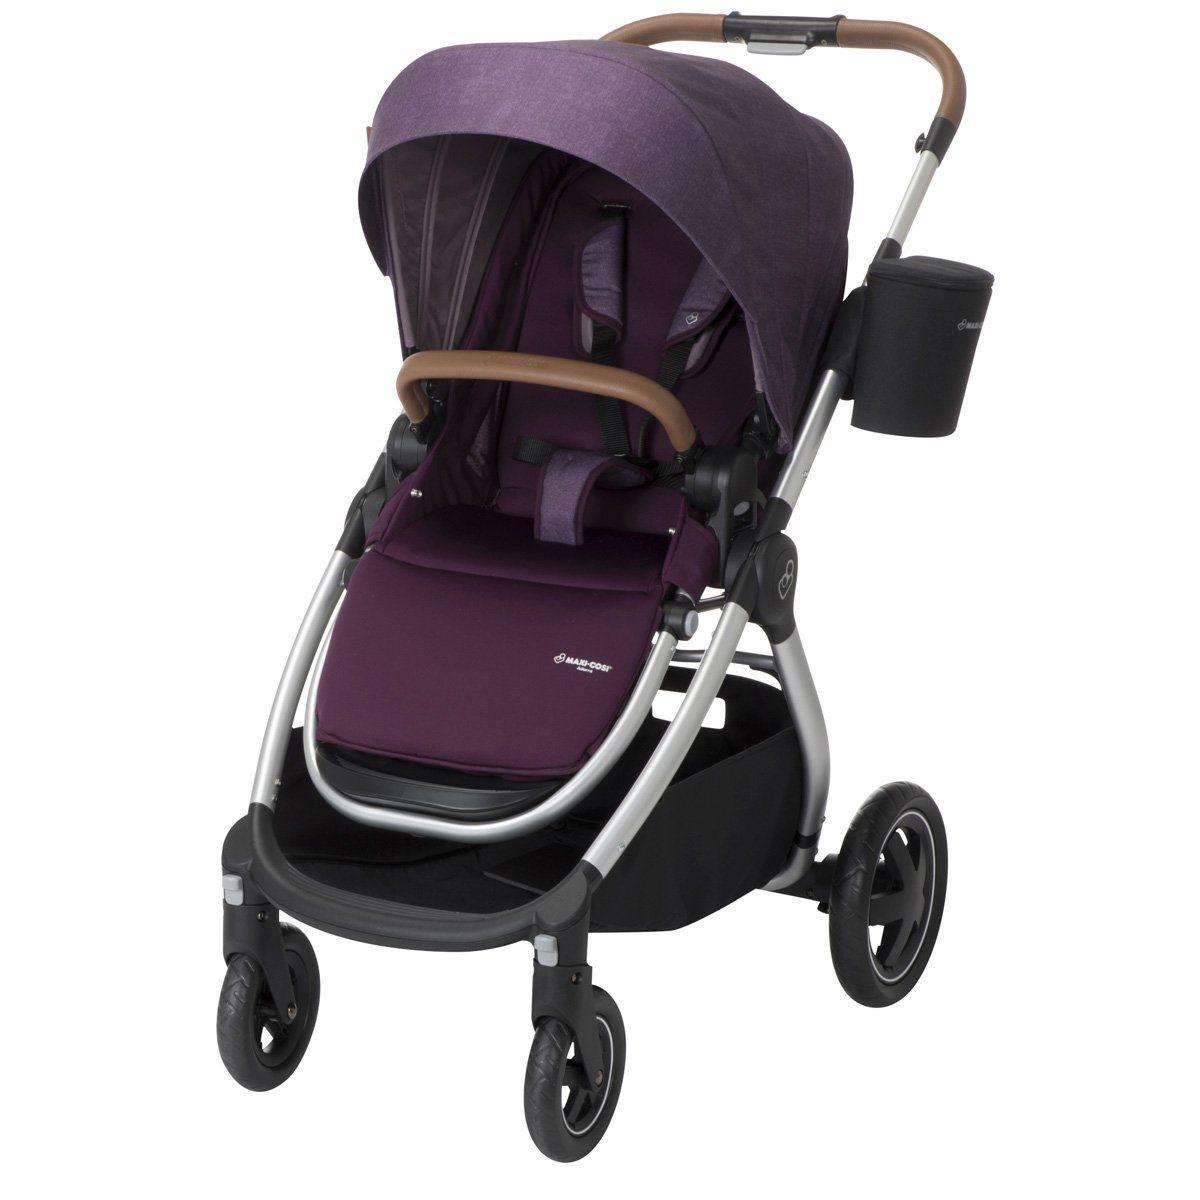 Maxi Cosi Adorra Stand Alone Stroller Nomad Purple